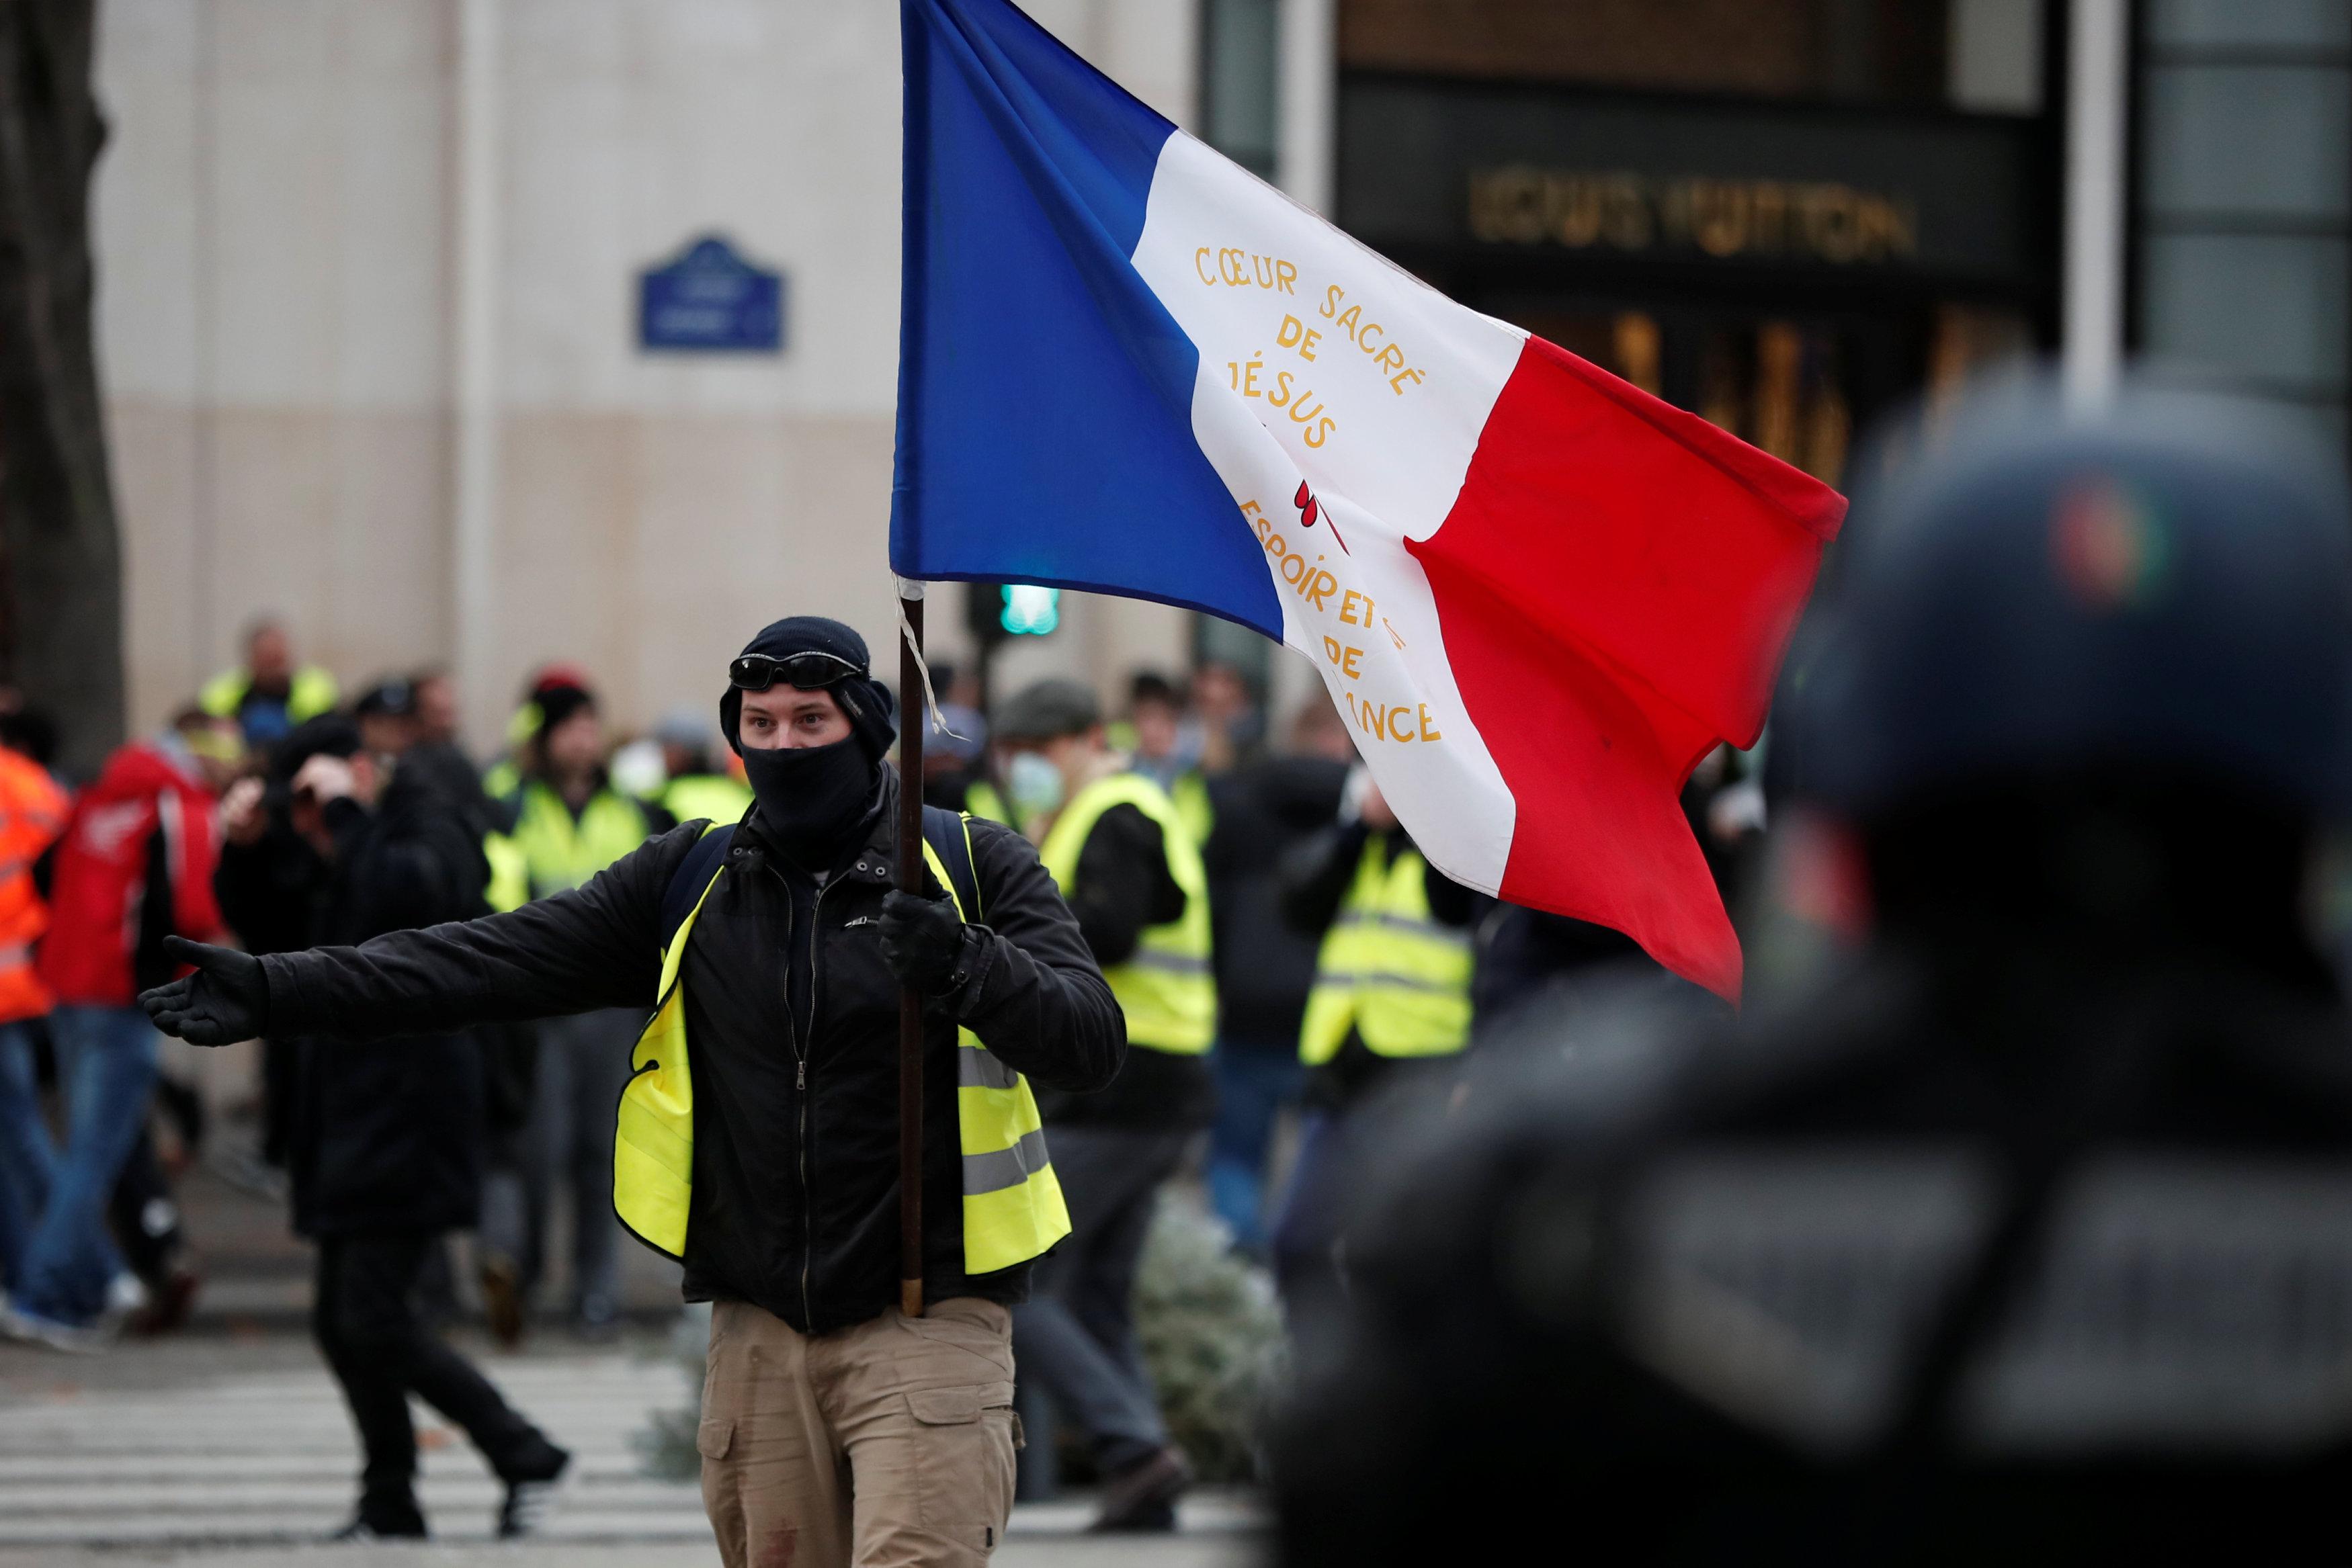 le pen reitera su apoyo chalecos amarillos disturbios en paris